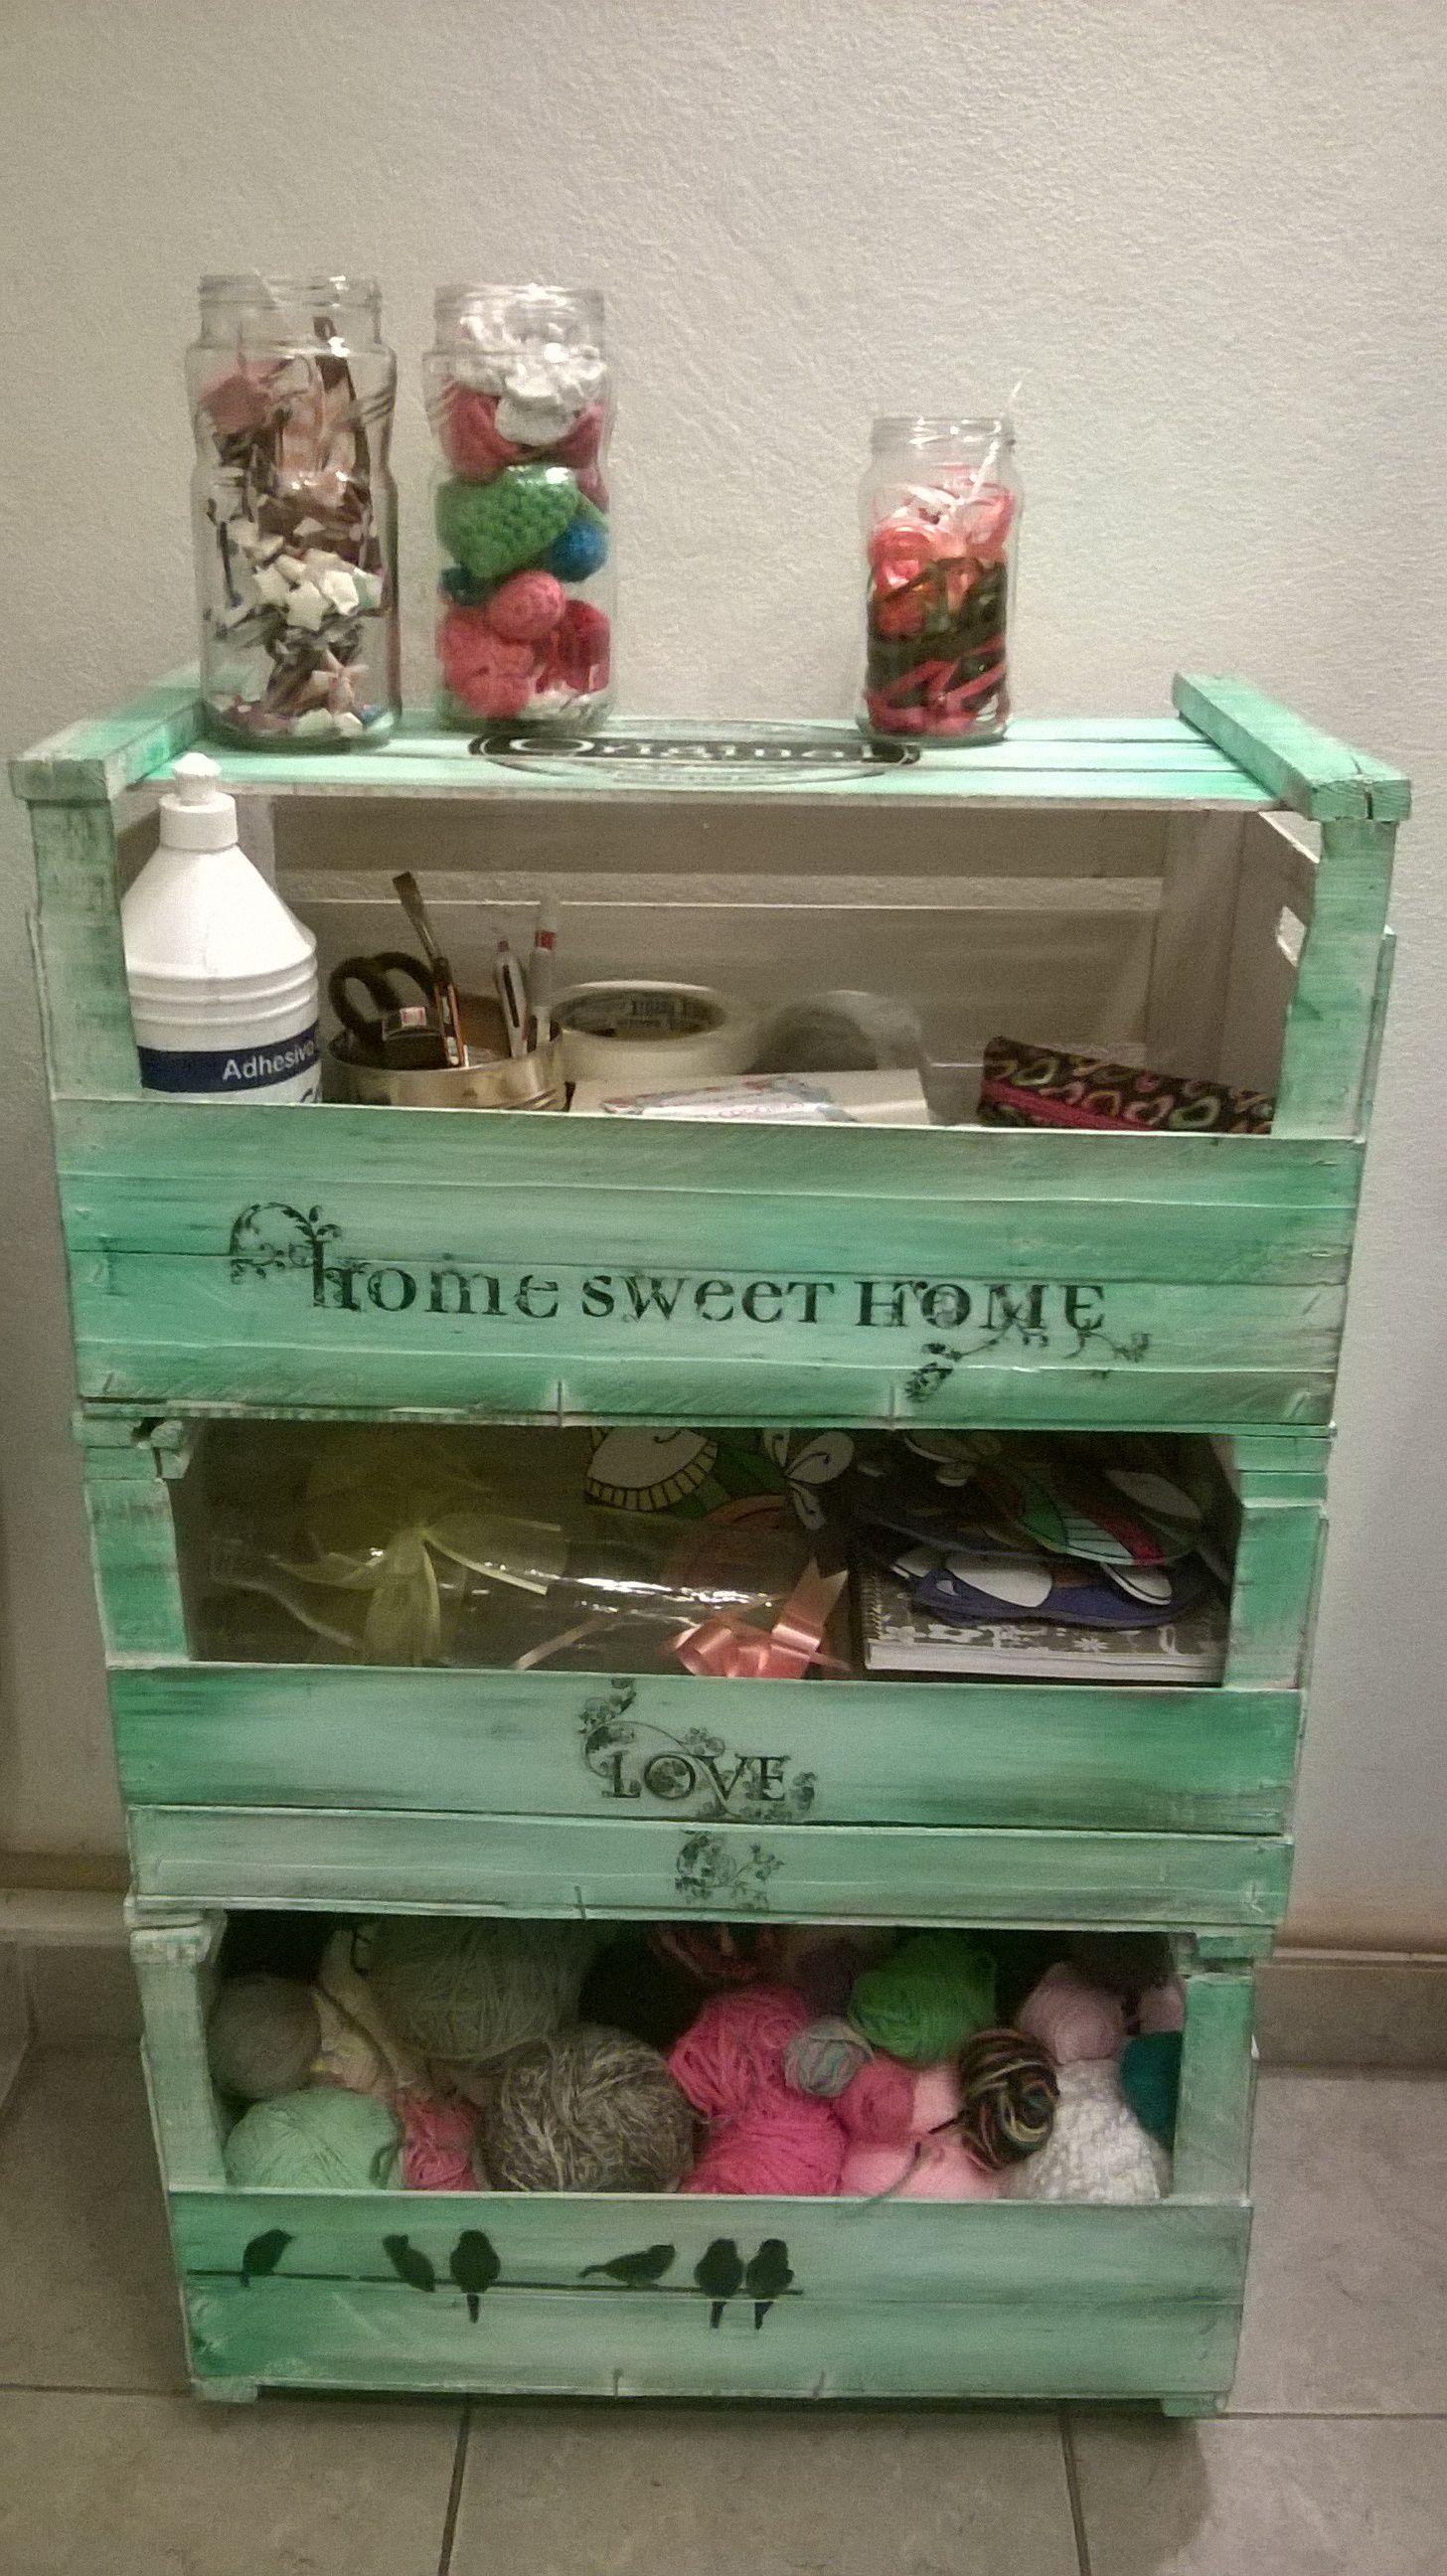 Con cajones de frutas muebles reciclados pinterest for Diseno de muebles con cajones de verduras